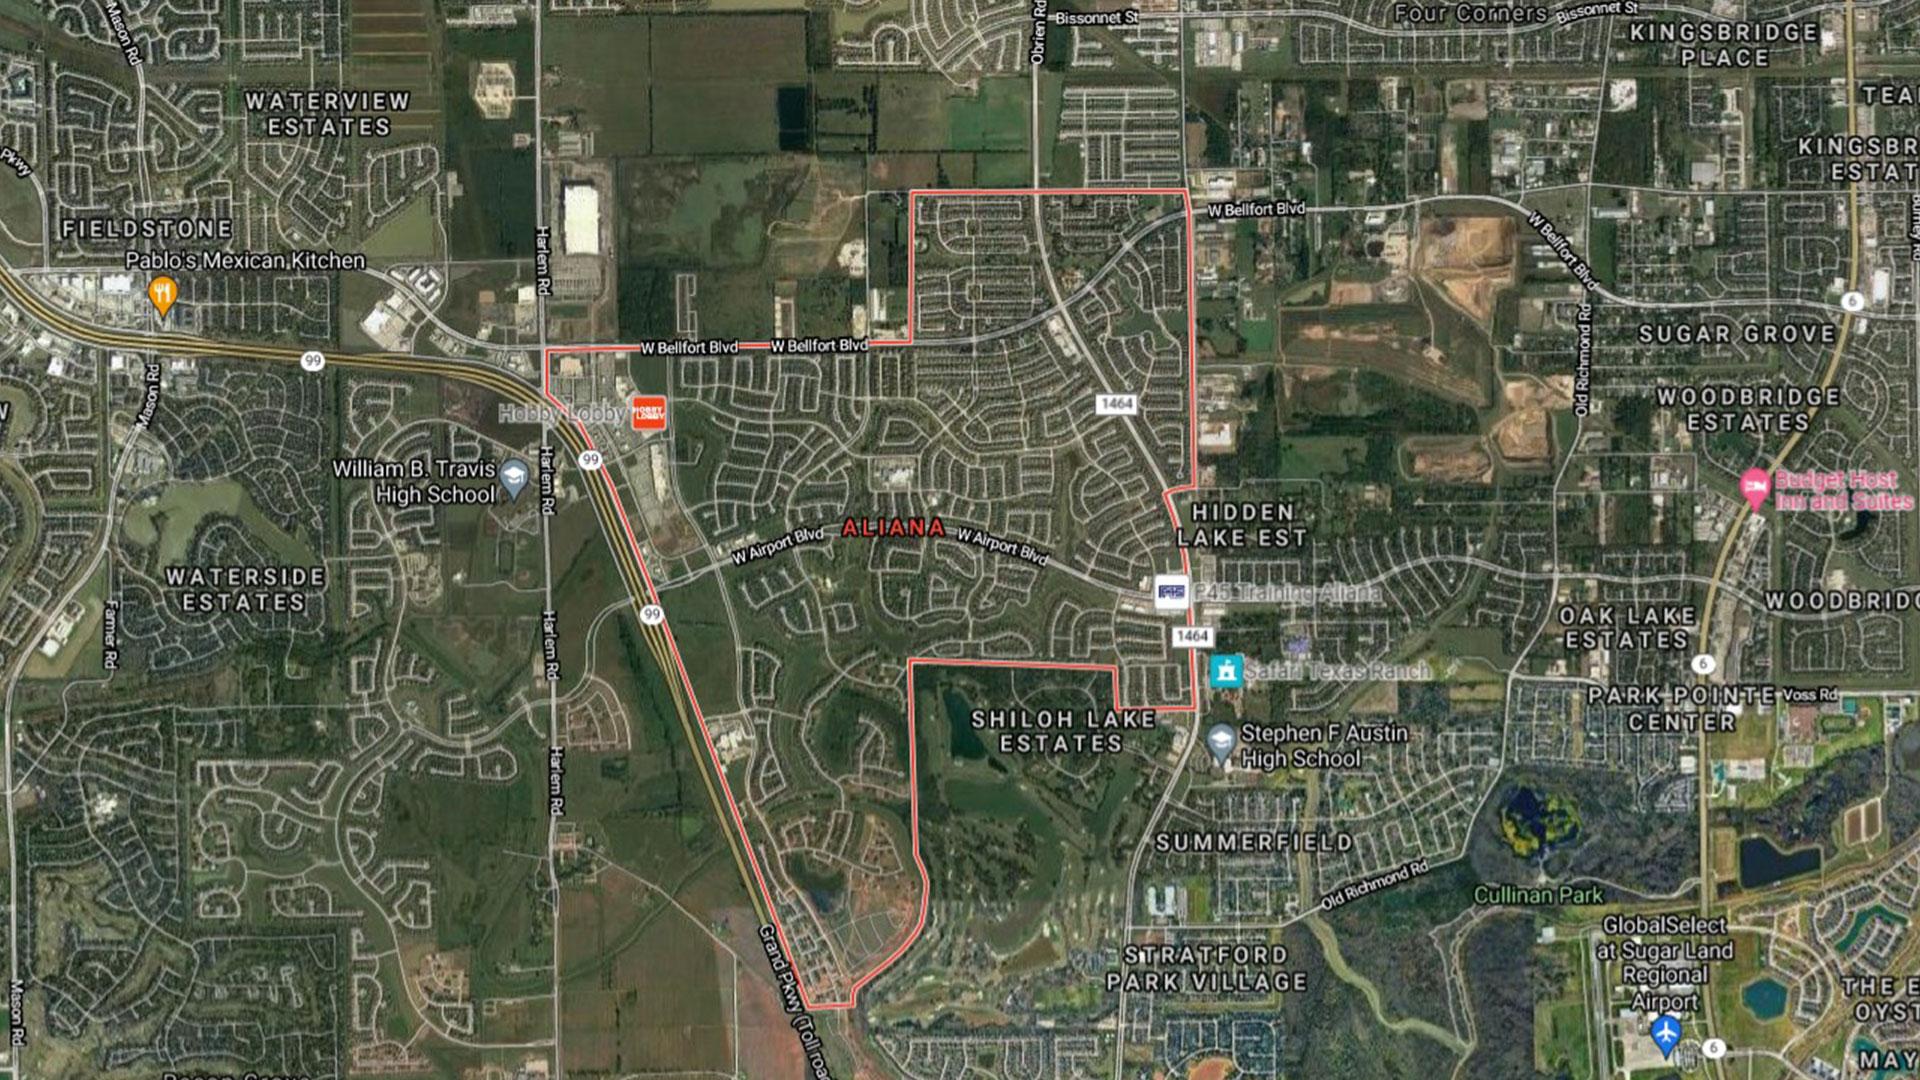 West-Houston-Neighborhood---ALIANA-